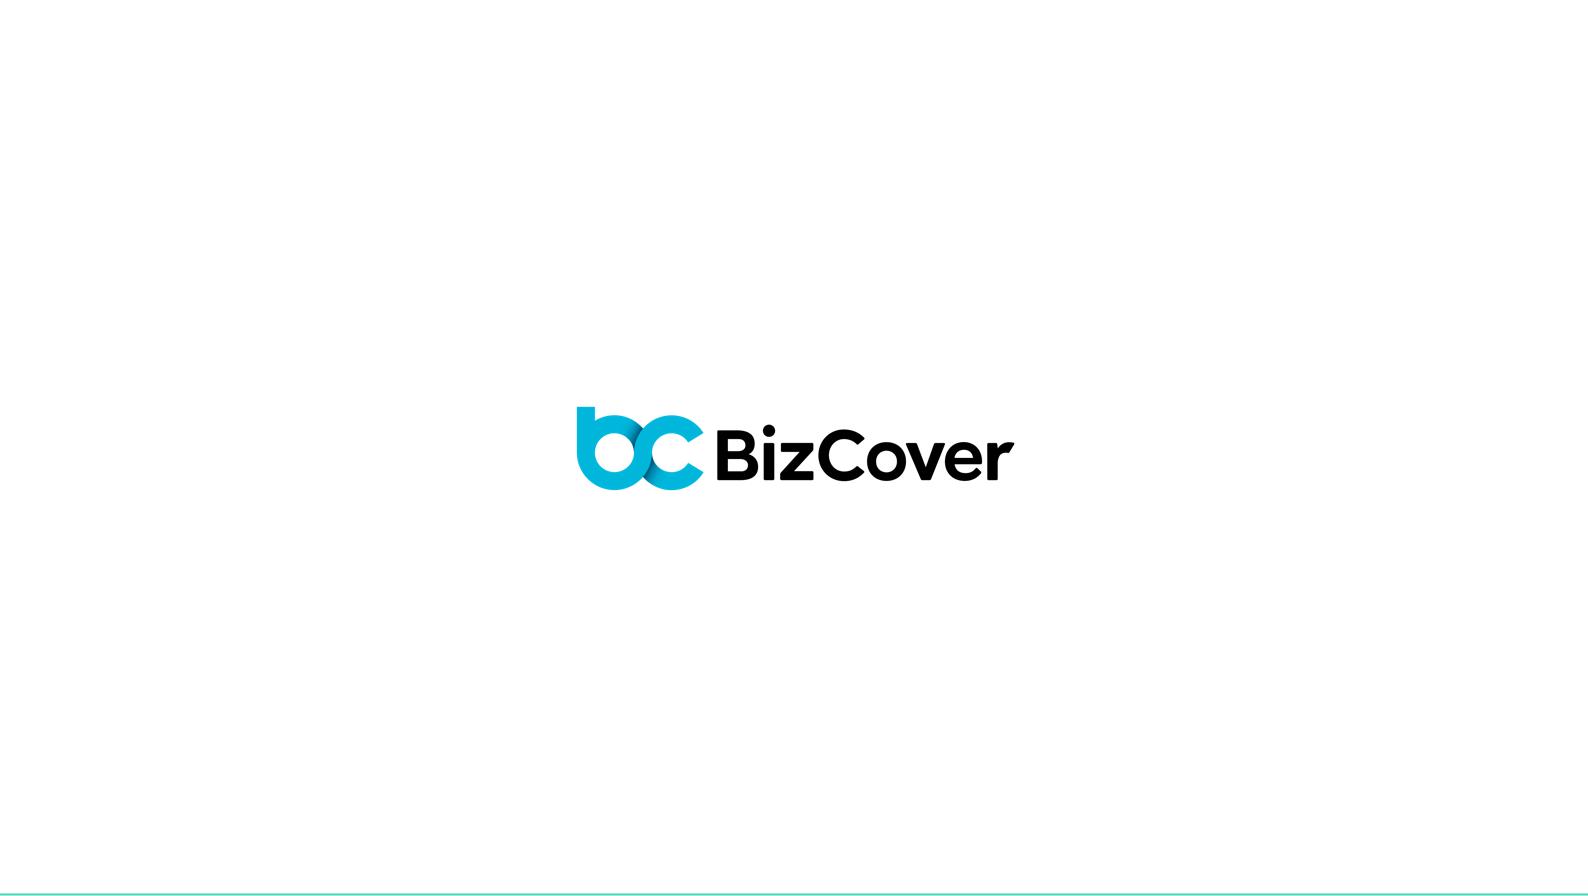 BizCover.com Transformation